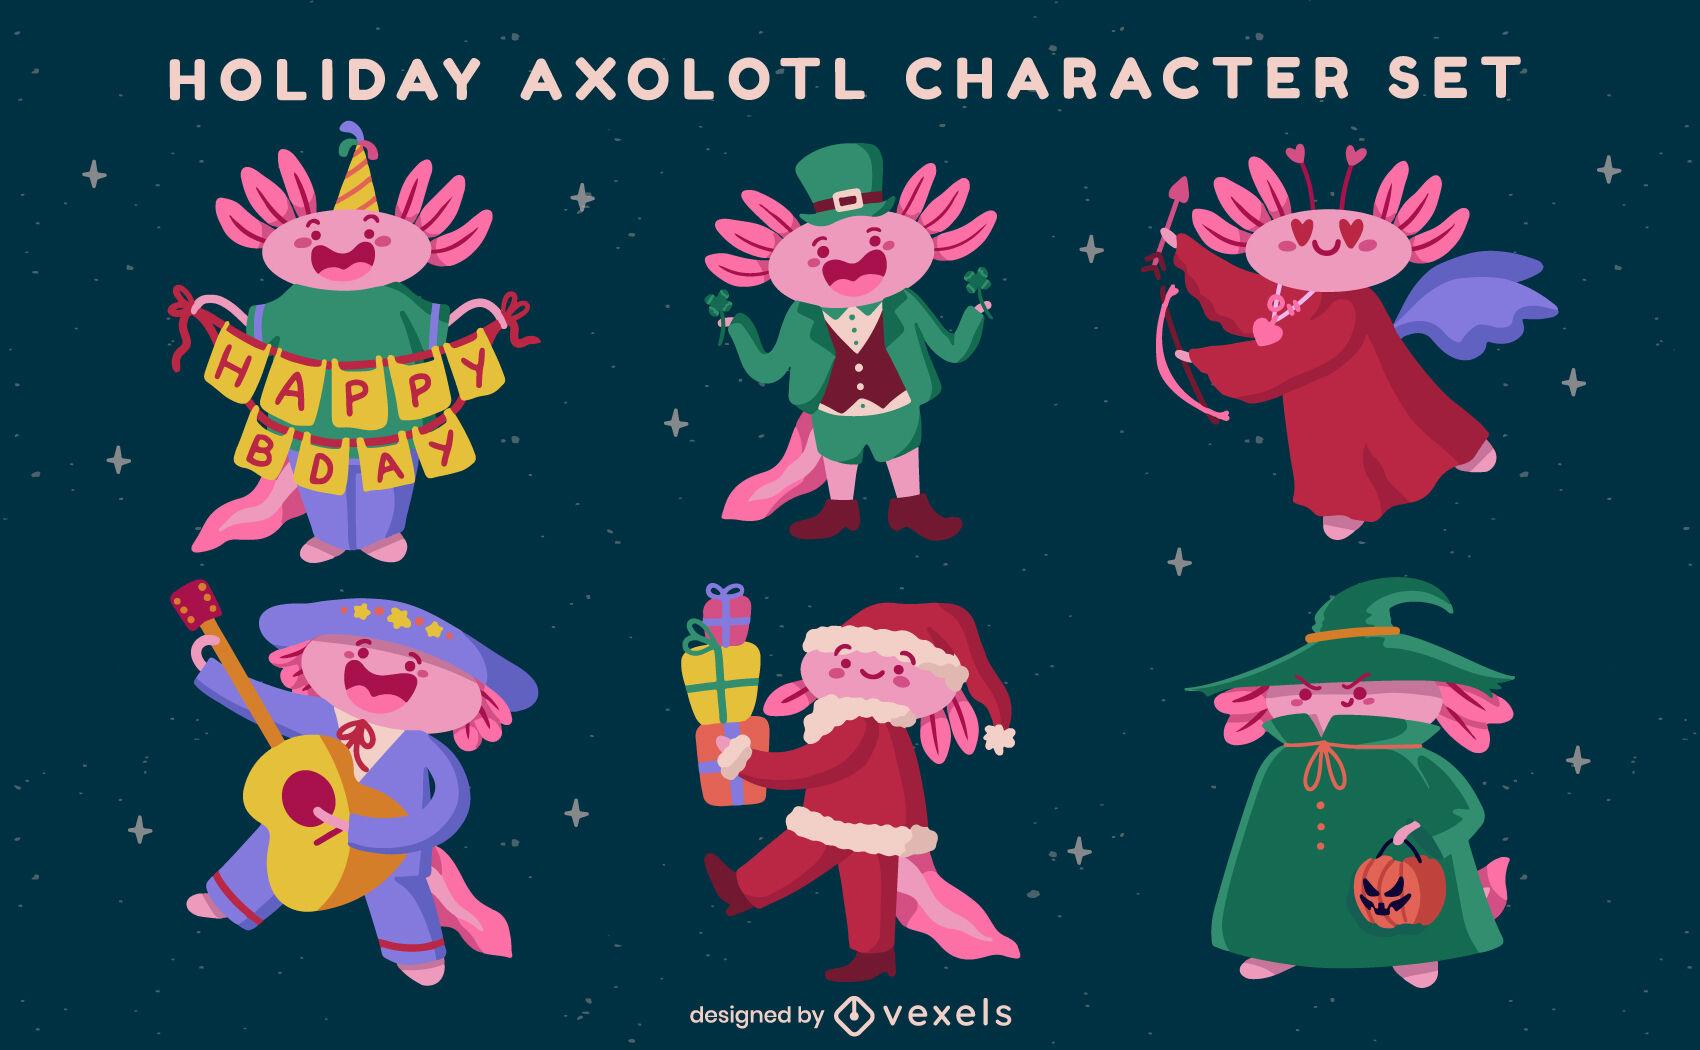 Conjunto de caracteres de animales de axolotl de vacaciones